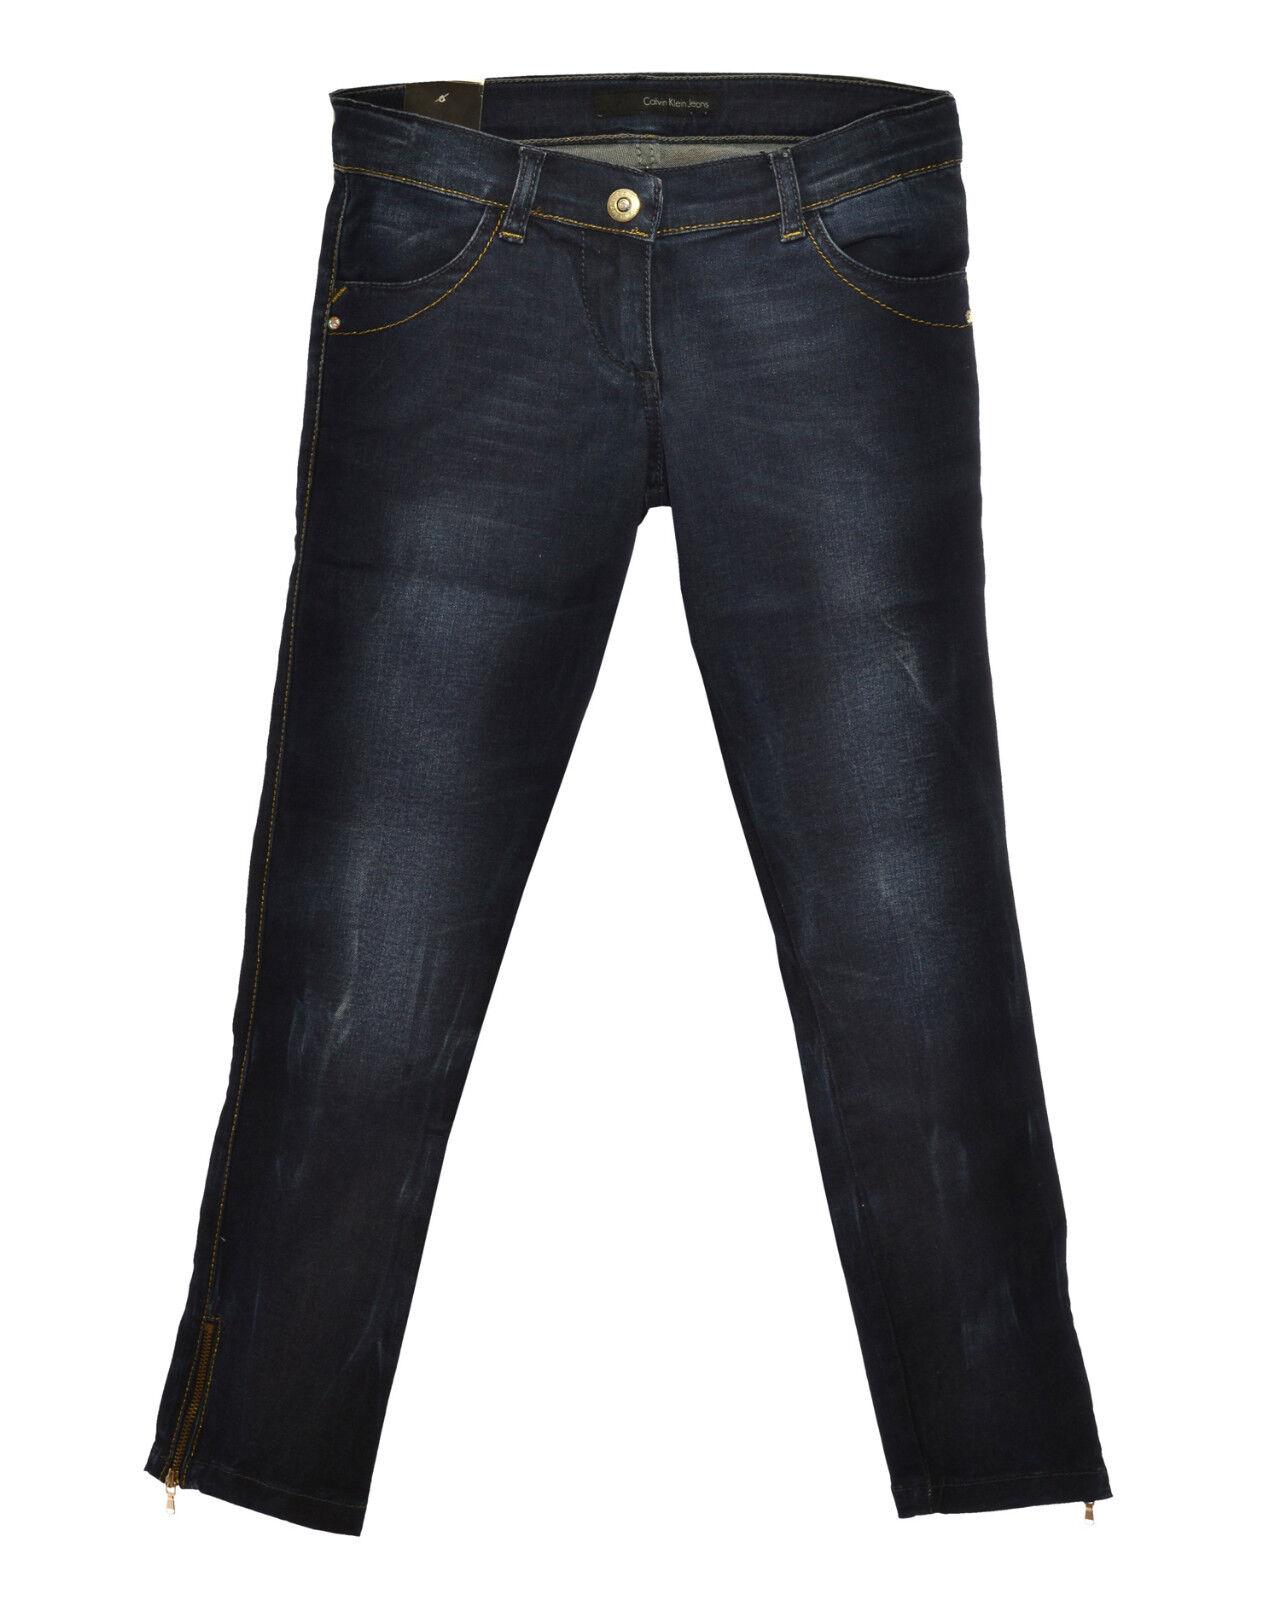 Jeans Bambina CALVIN KLEIN JEANS logo con strass su tasca anteriore in SALDO